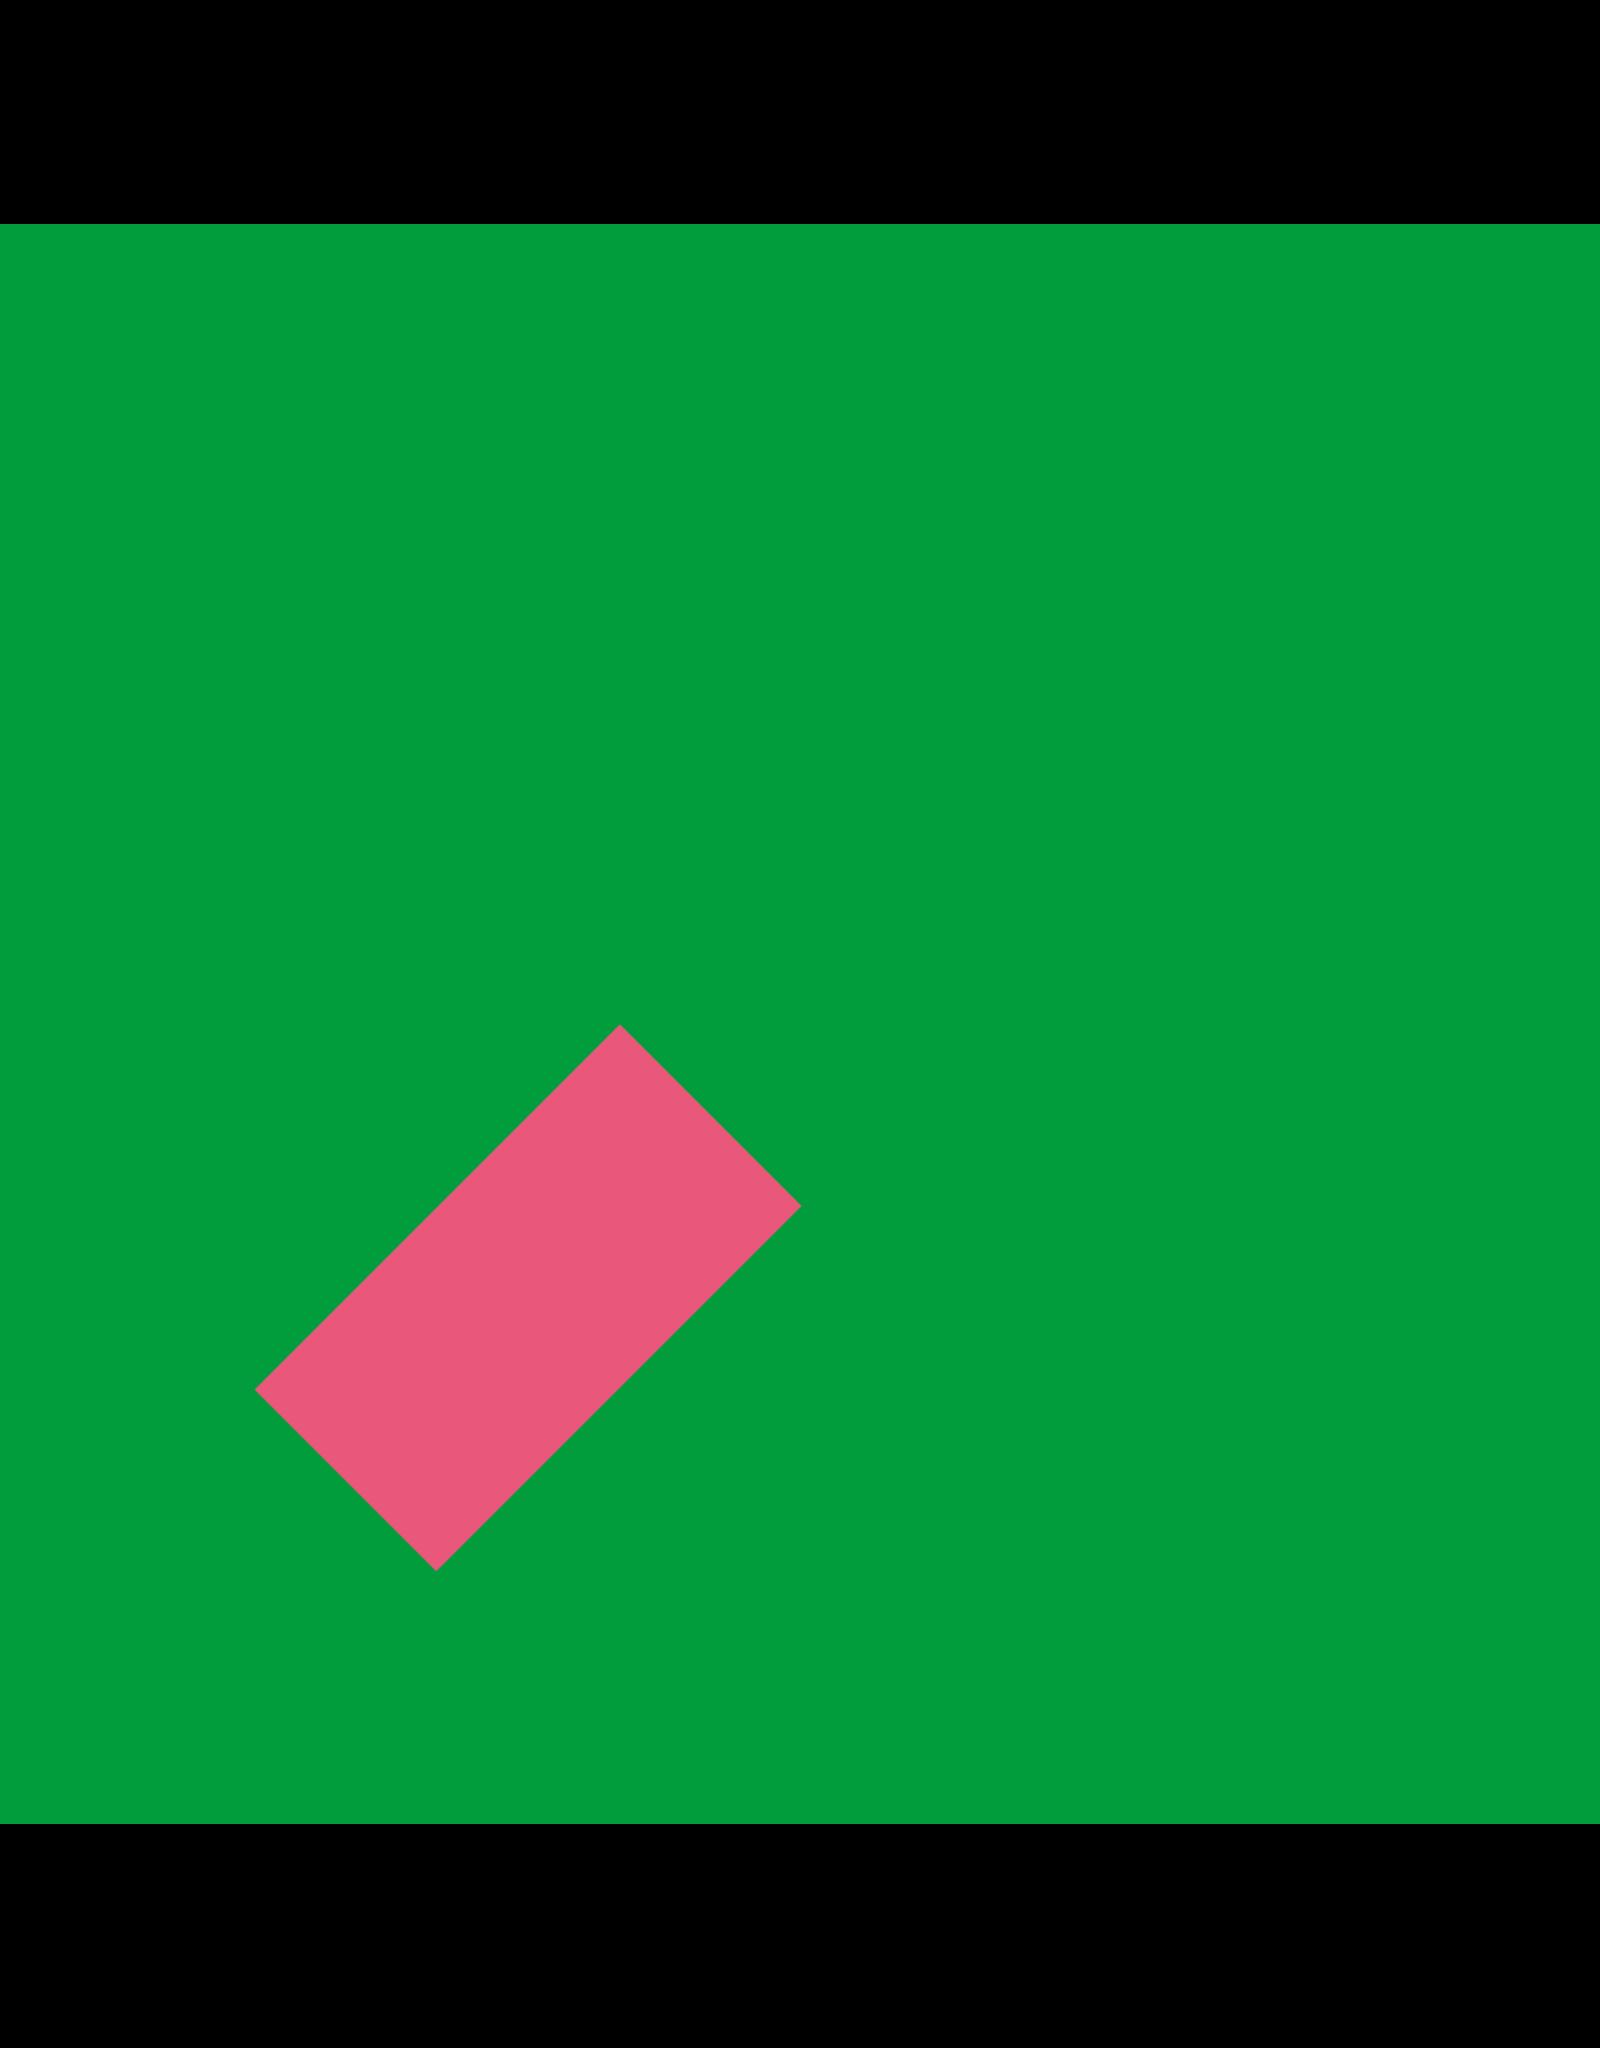 Gil Scott-Heron / Jamie XX - We're New Here